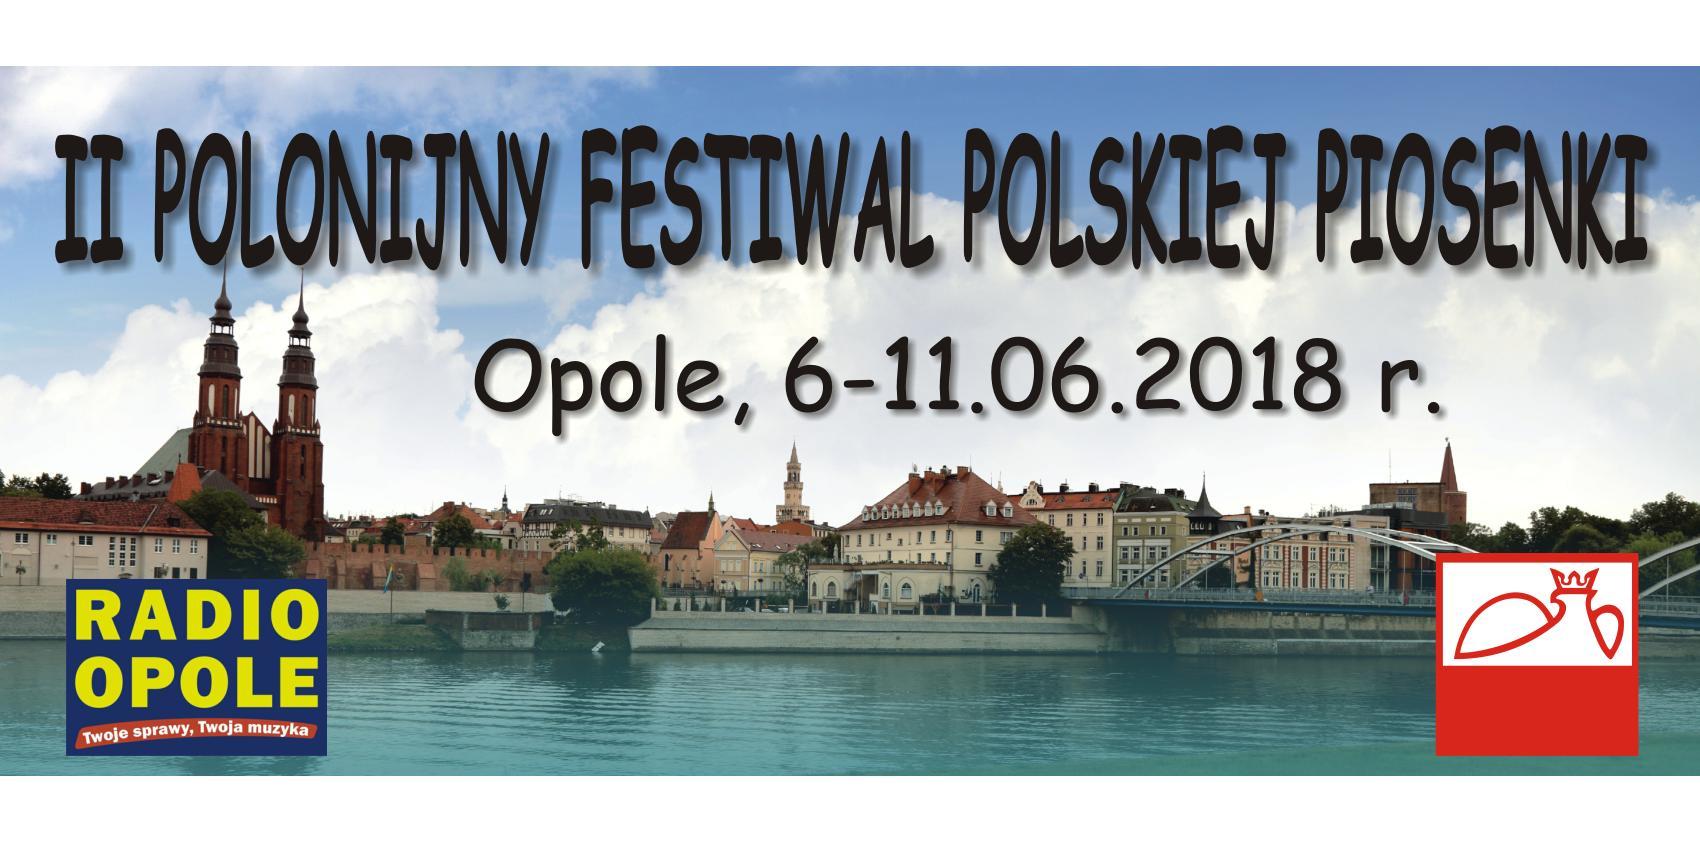 II Polonijny Festiwal Polskiej Piosenki potrwa od 6 do 11 czerwca. Finałowy koncert będziemy transmitować!